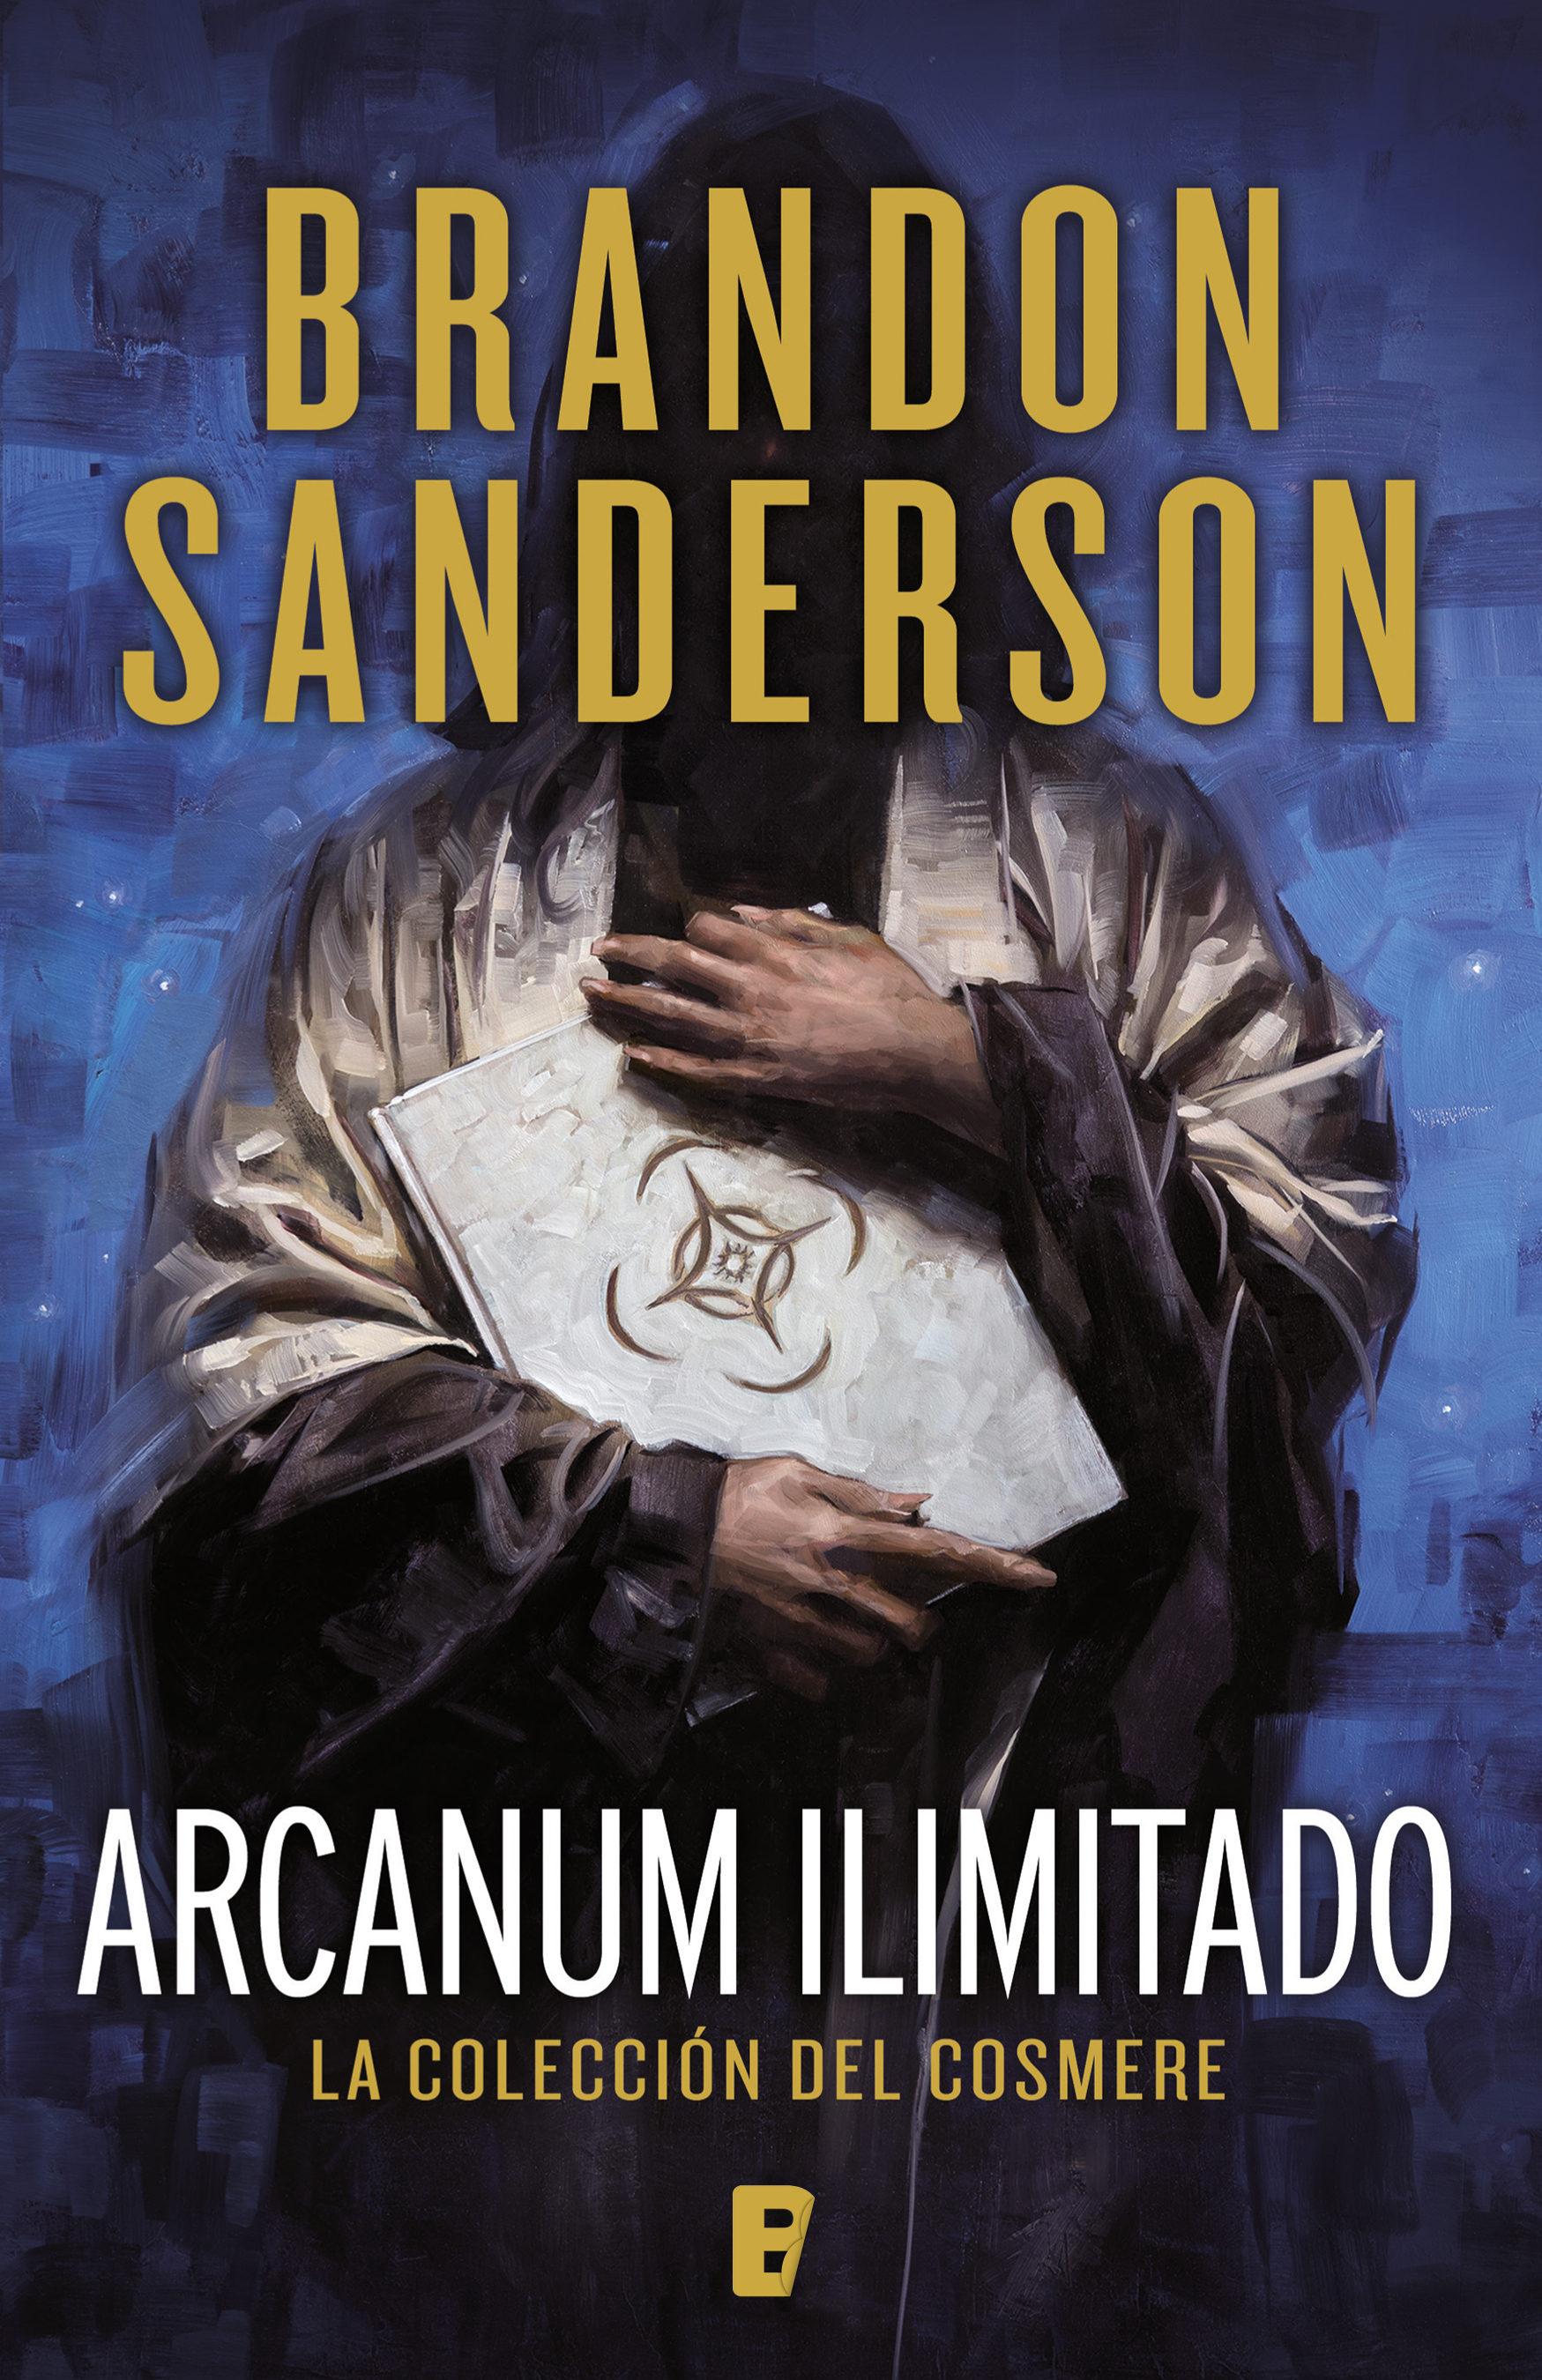 ARCANUM ILIMITADO EBOOK | BRANDON SANDERSON | Descargar libro PDF o EPUB  9788490698648